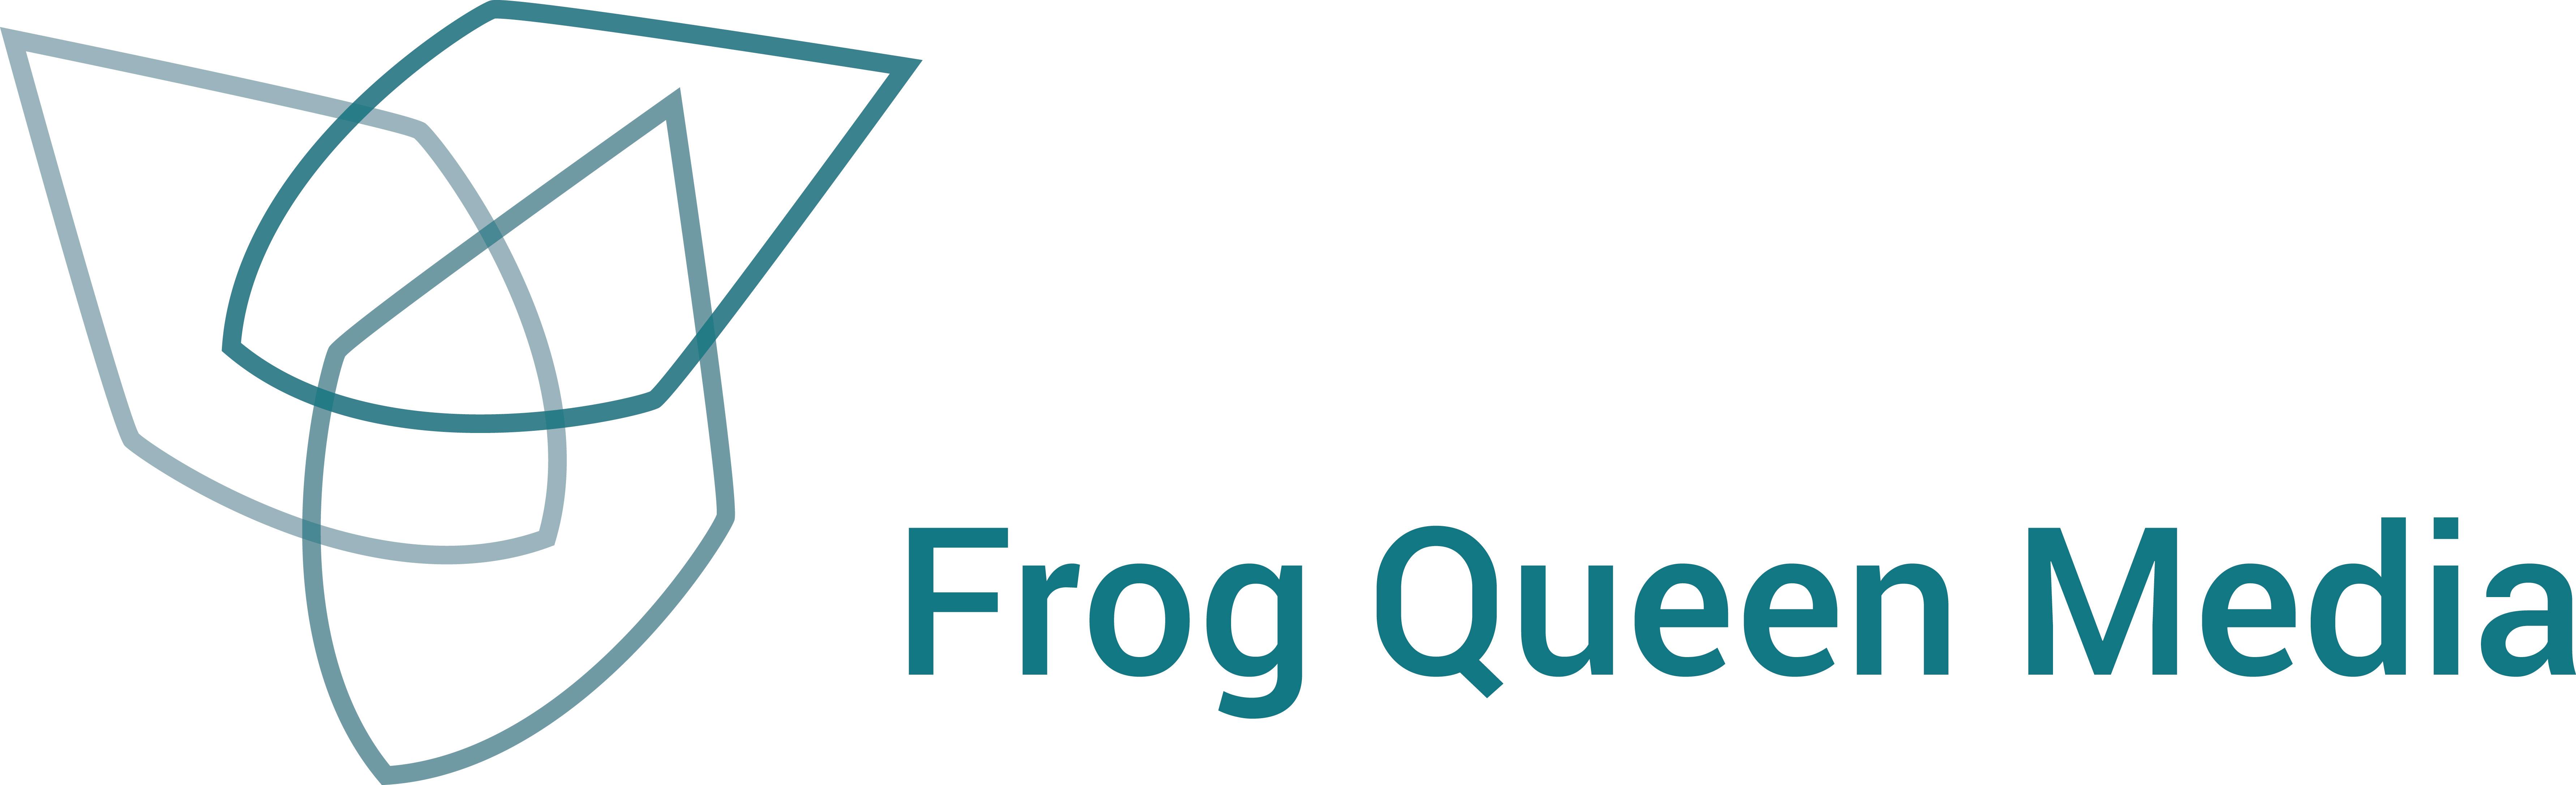 Frog Queen Media